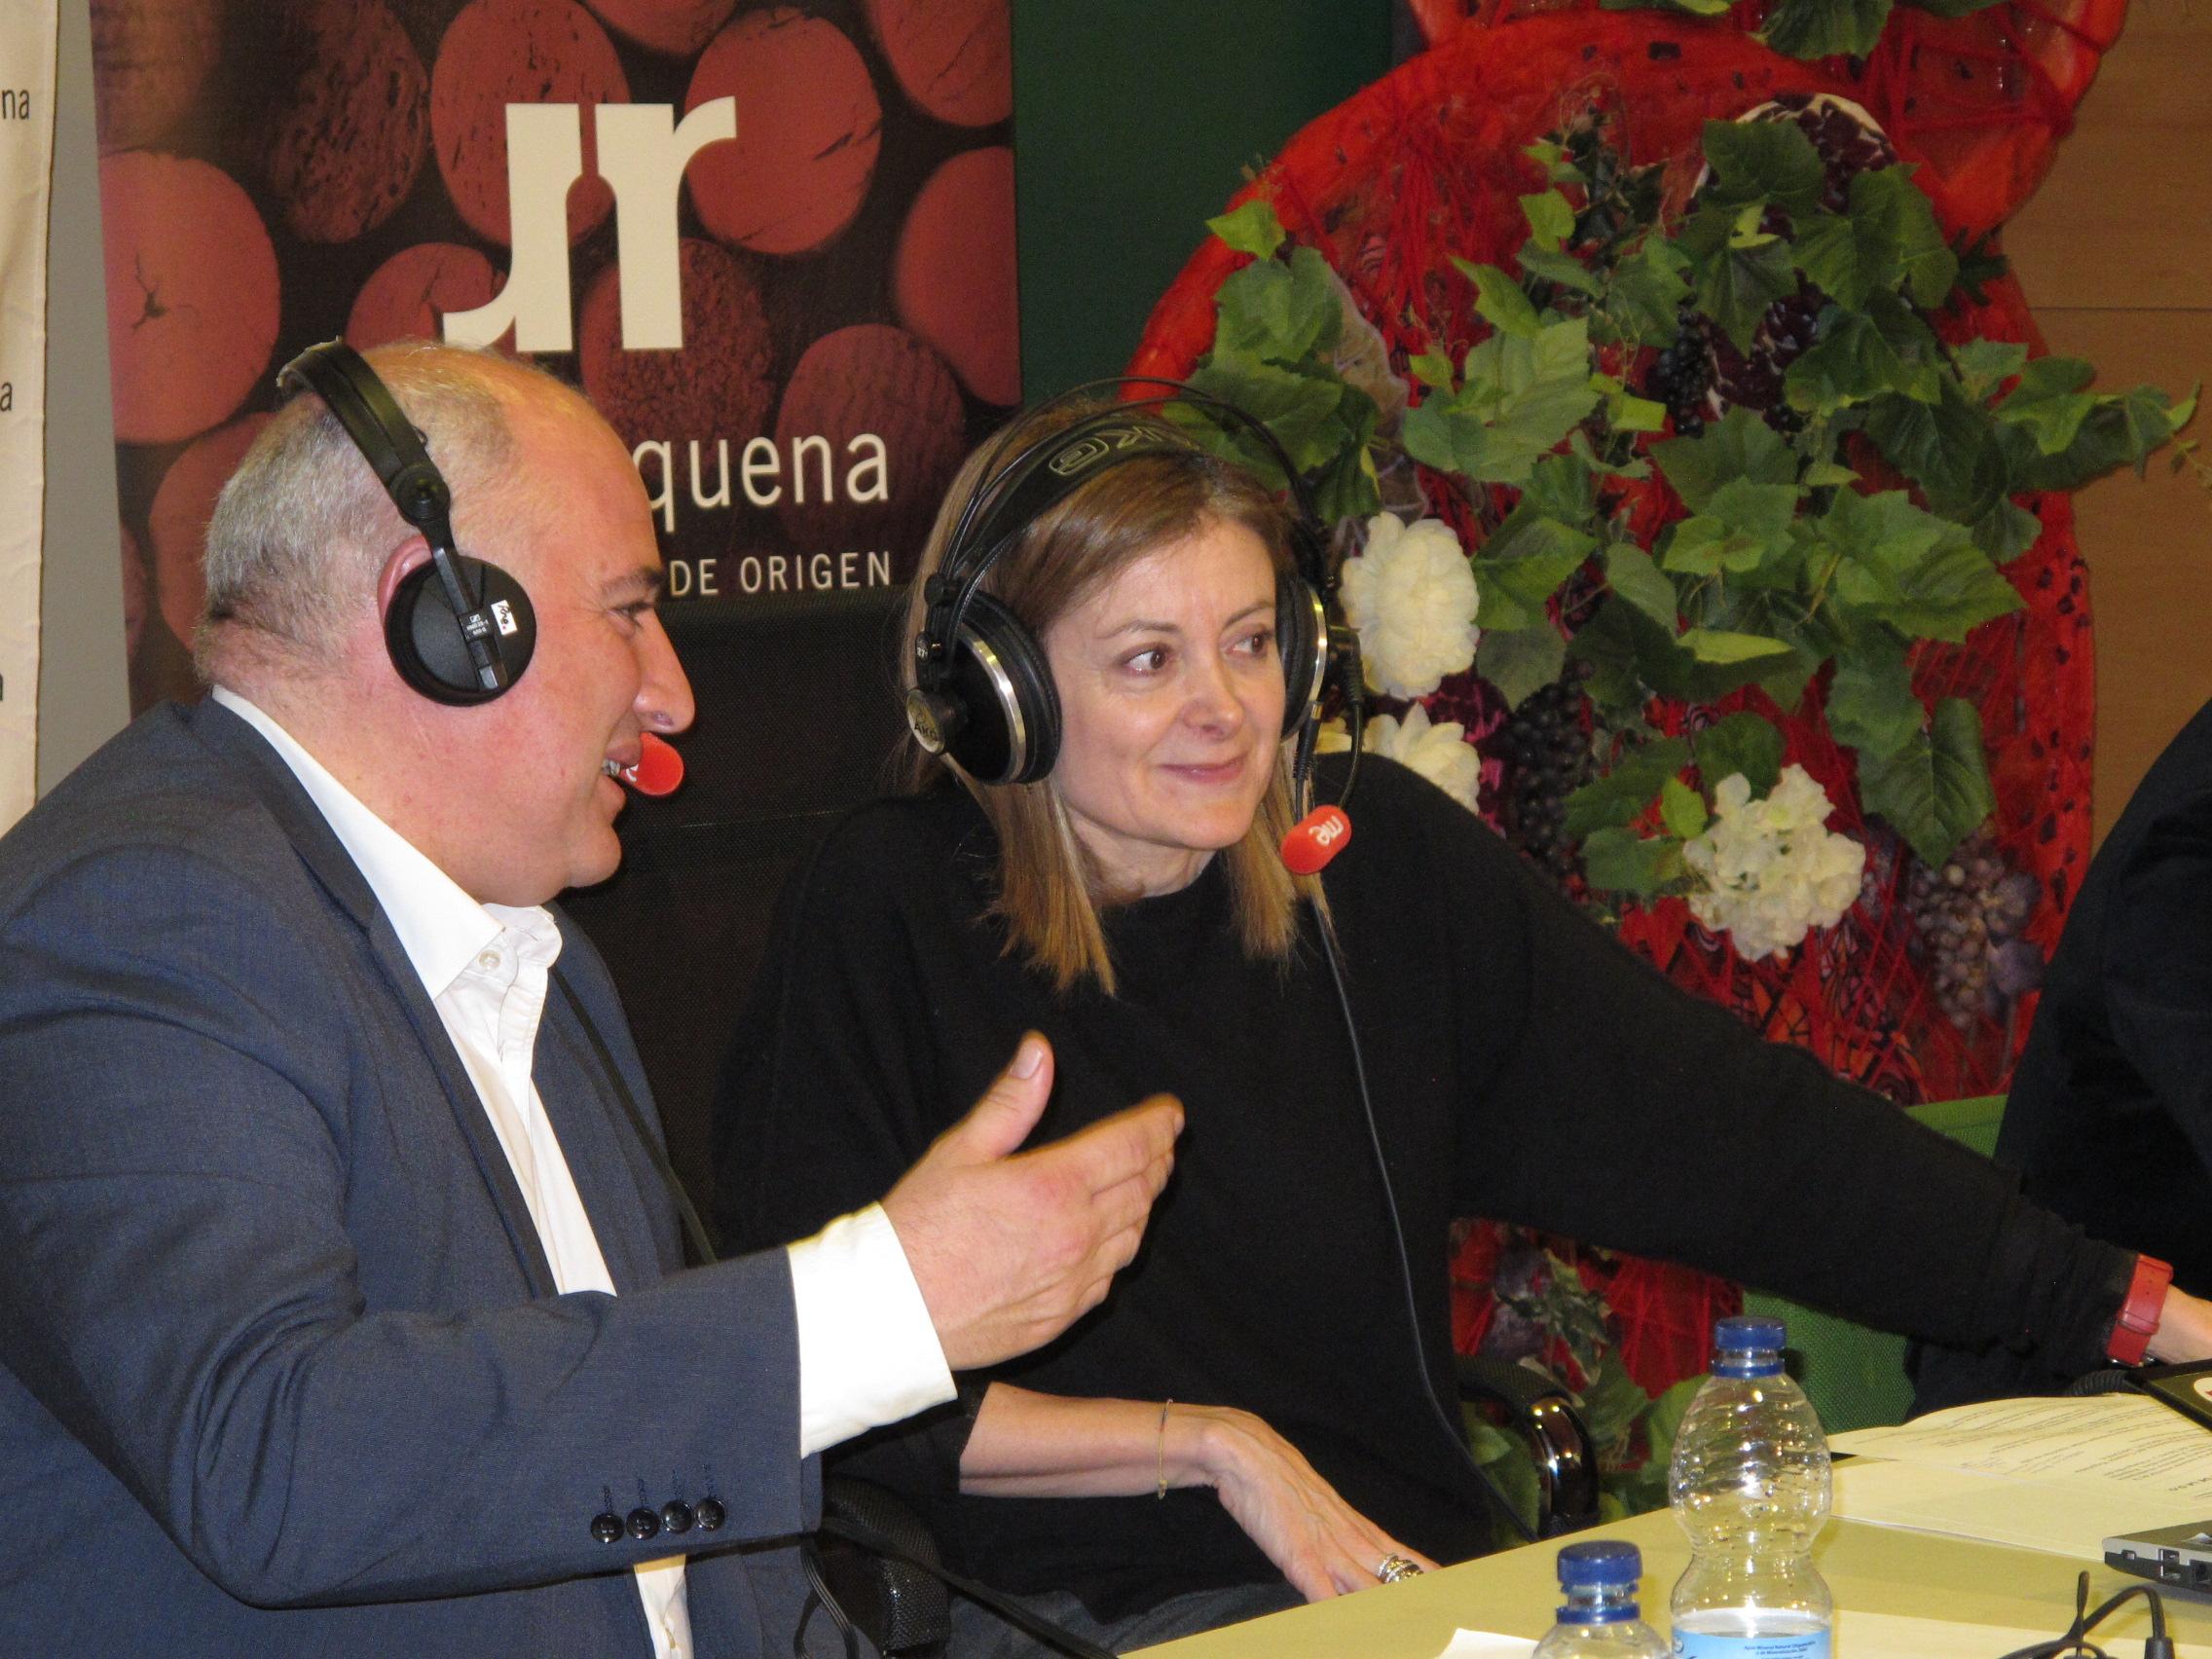 Entrevista Jose Miguel Medina Presidente de la D.O. Utiel Requena